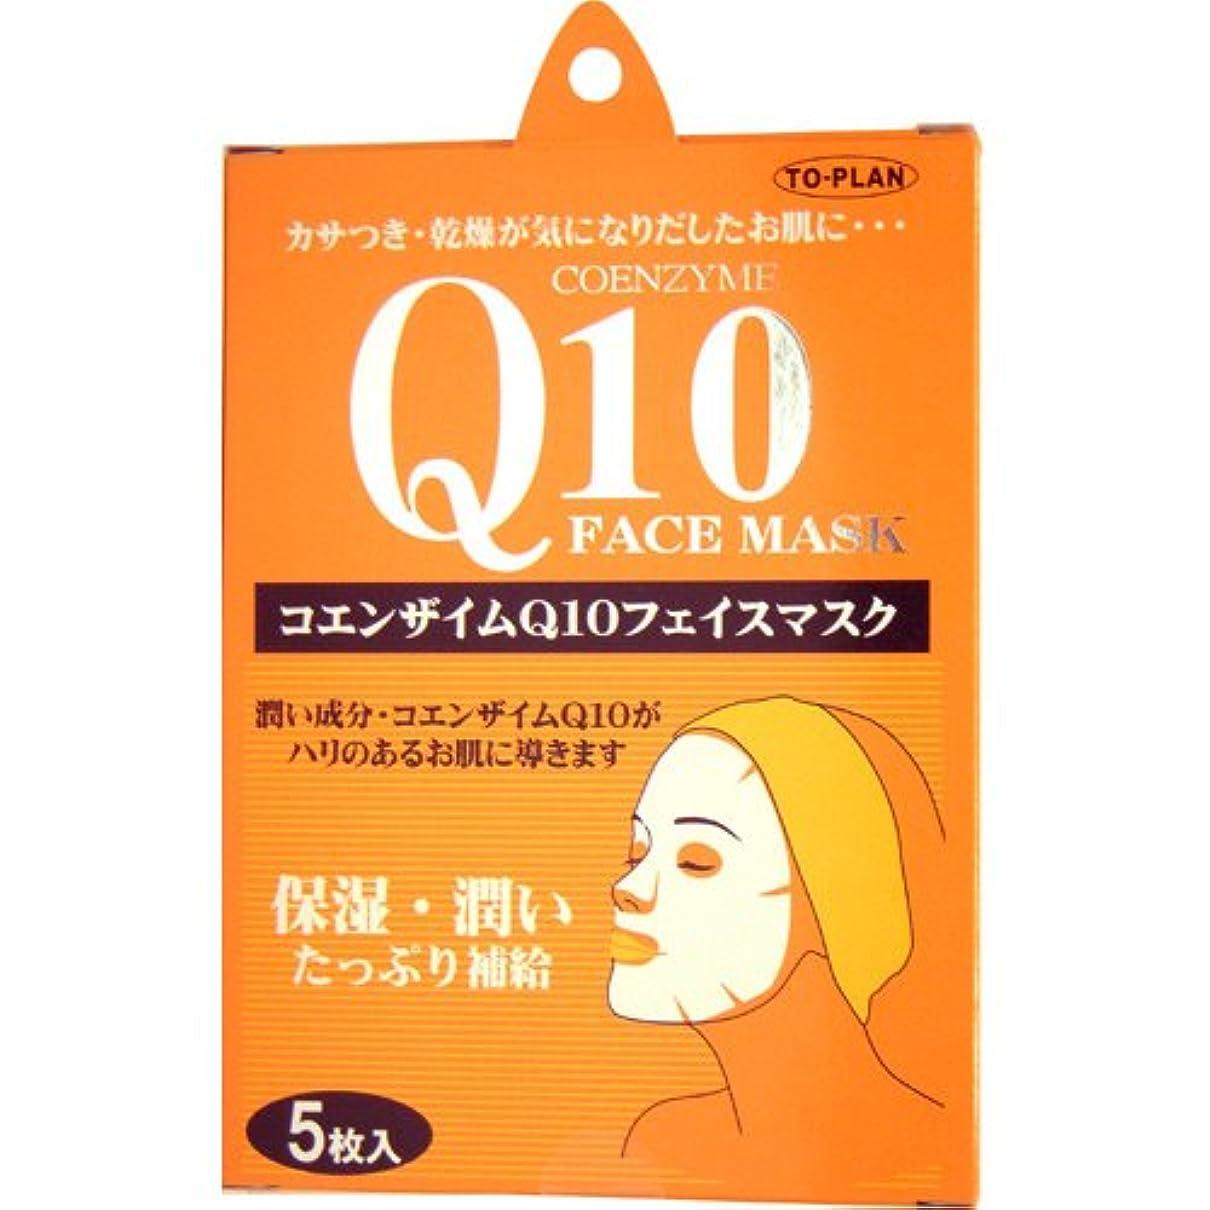 合唱団呪われた標高TO-PLAN(トプラン) コエンザイムQ10フェイスマスク10枚入